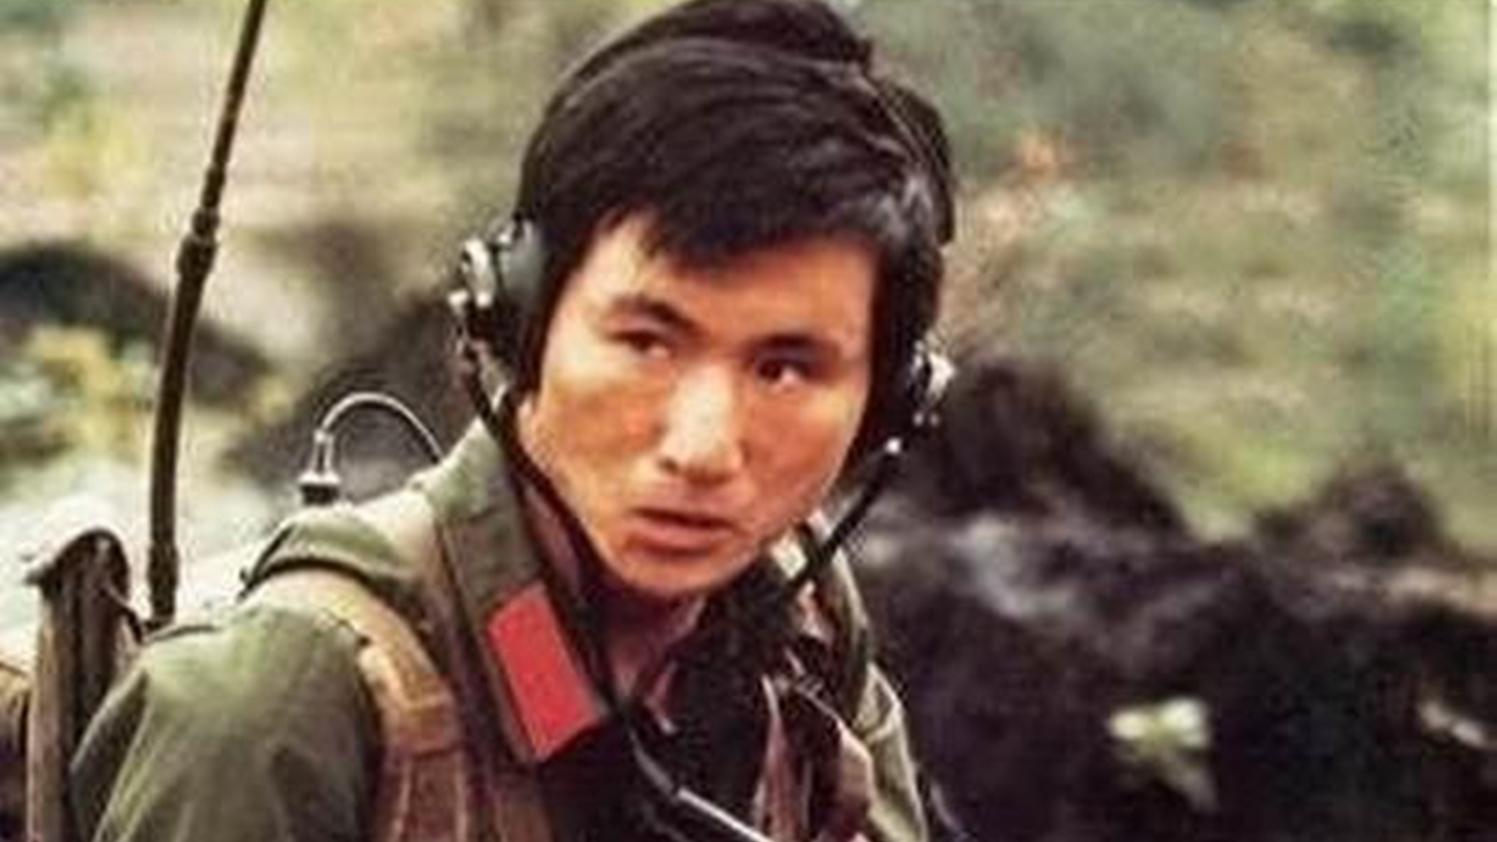 带杀气的眼神什么样?战斗英雄杨启良毙敌18人后,拍下了这张照片